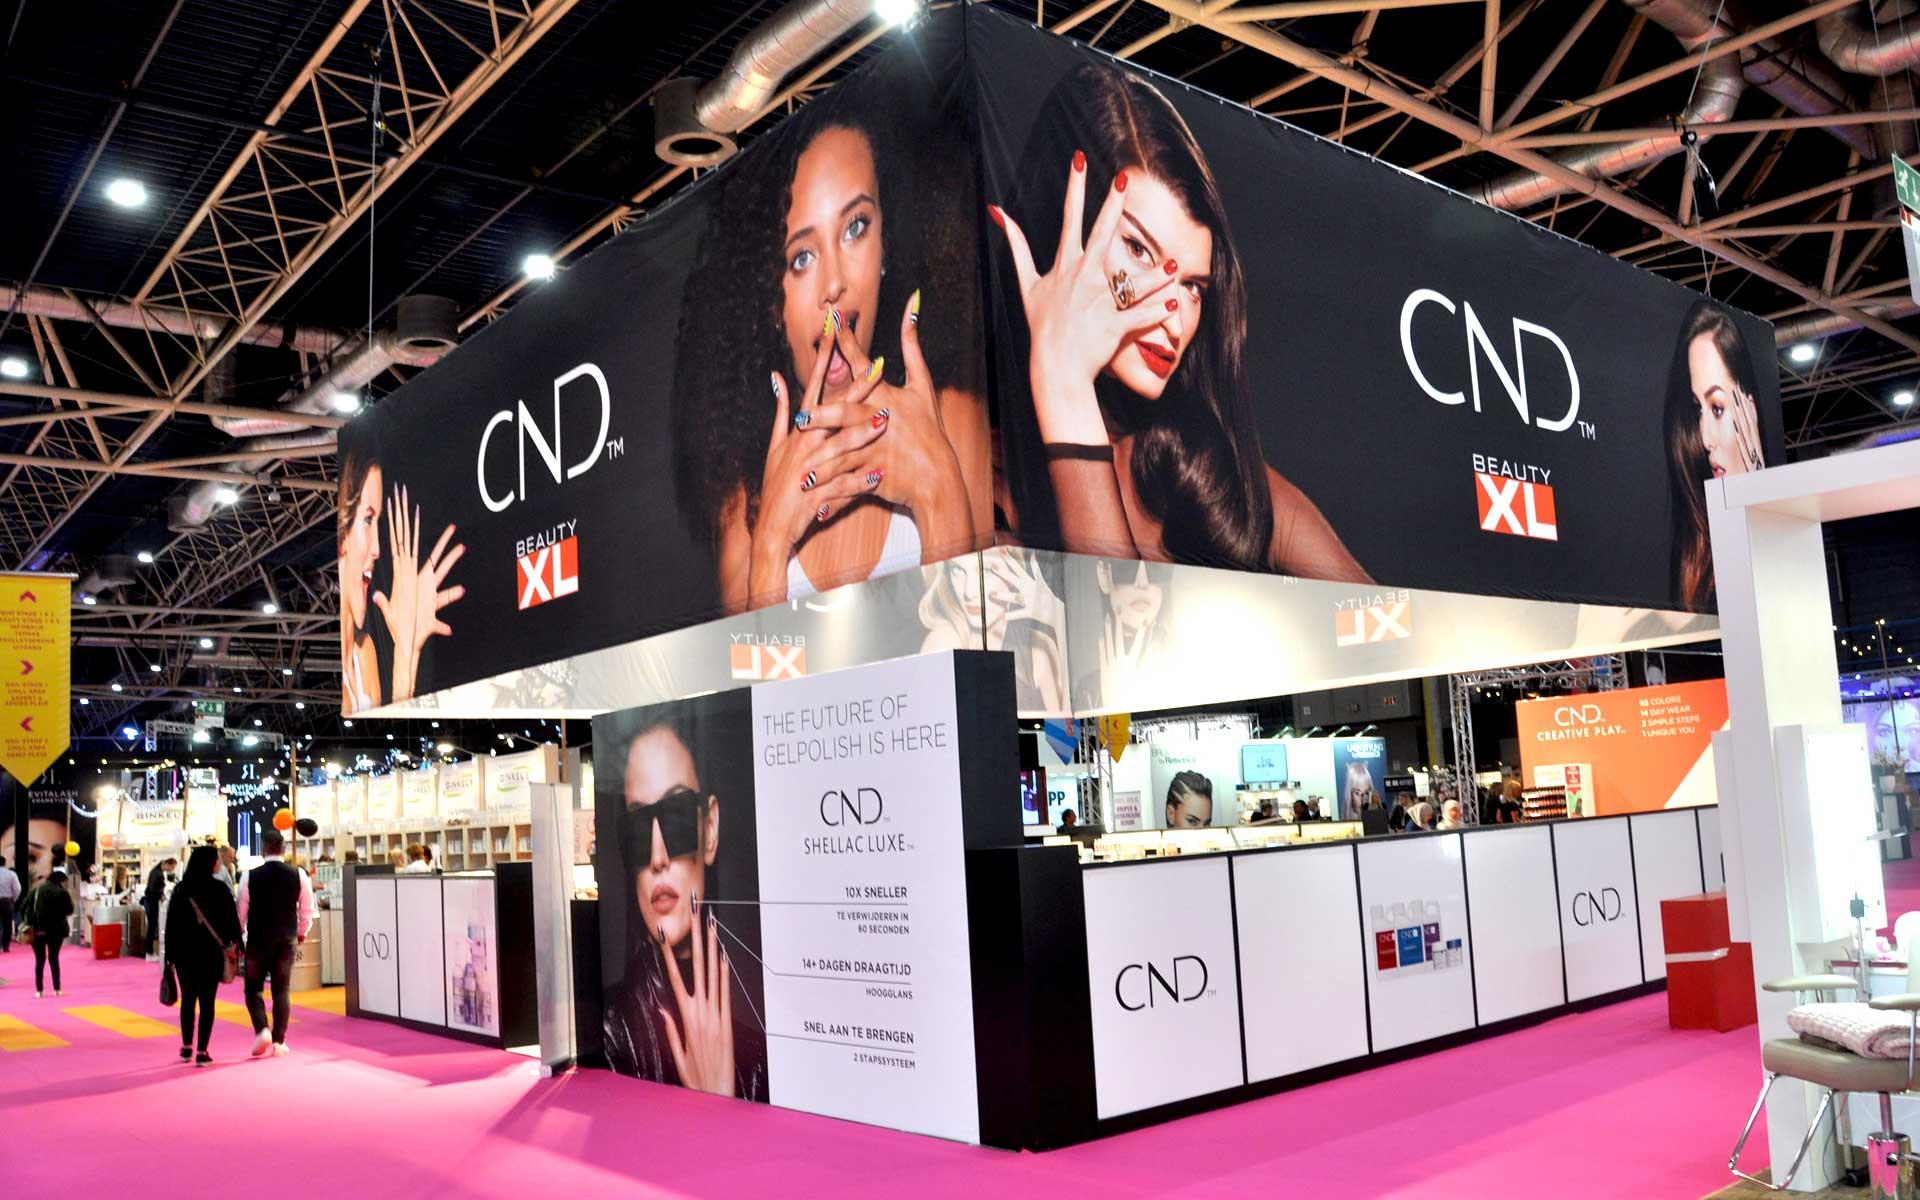 Beauty XL CND beursstand volledig